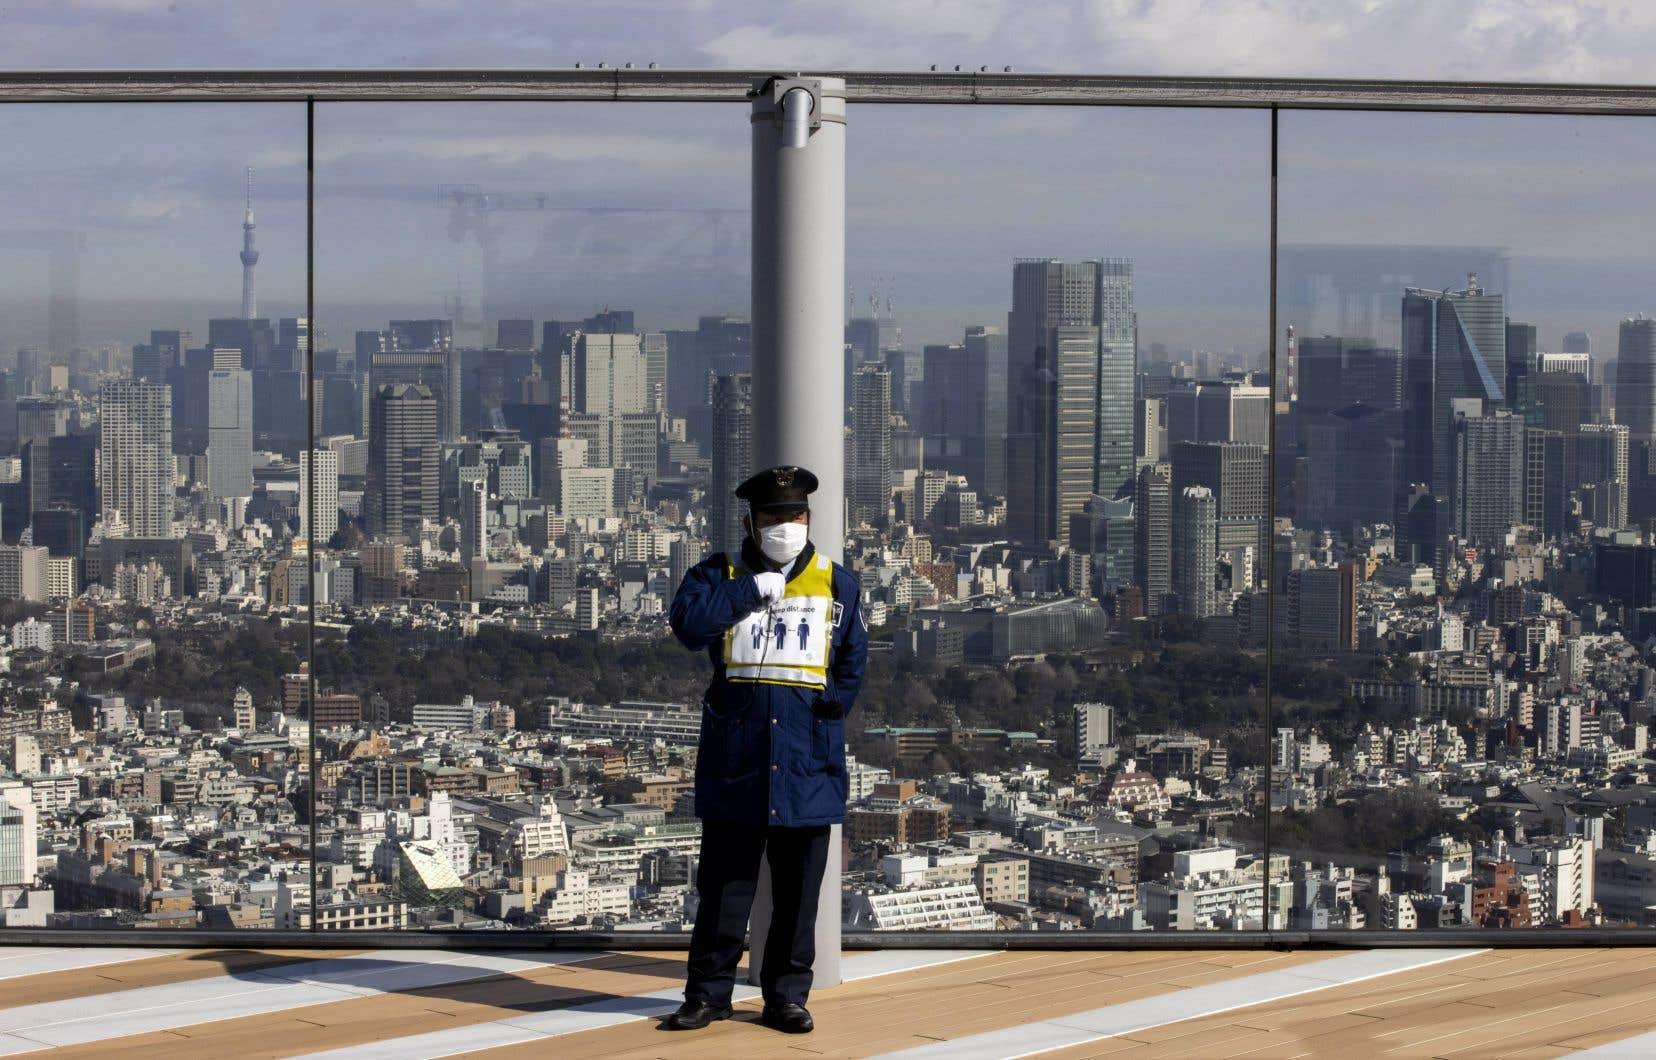 Le gouvernement japonais aurait conclu qu'il n'était «pas possible» de permettre à des supporteurs vivant hors du Japon d'assister aux JO, en raison de la pandémie.